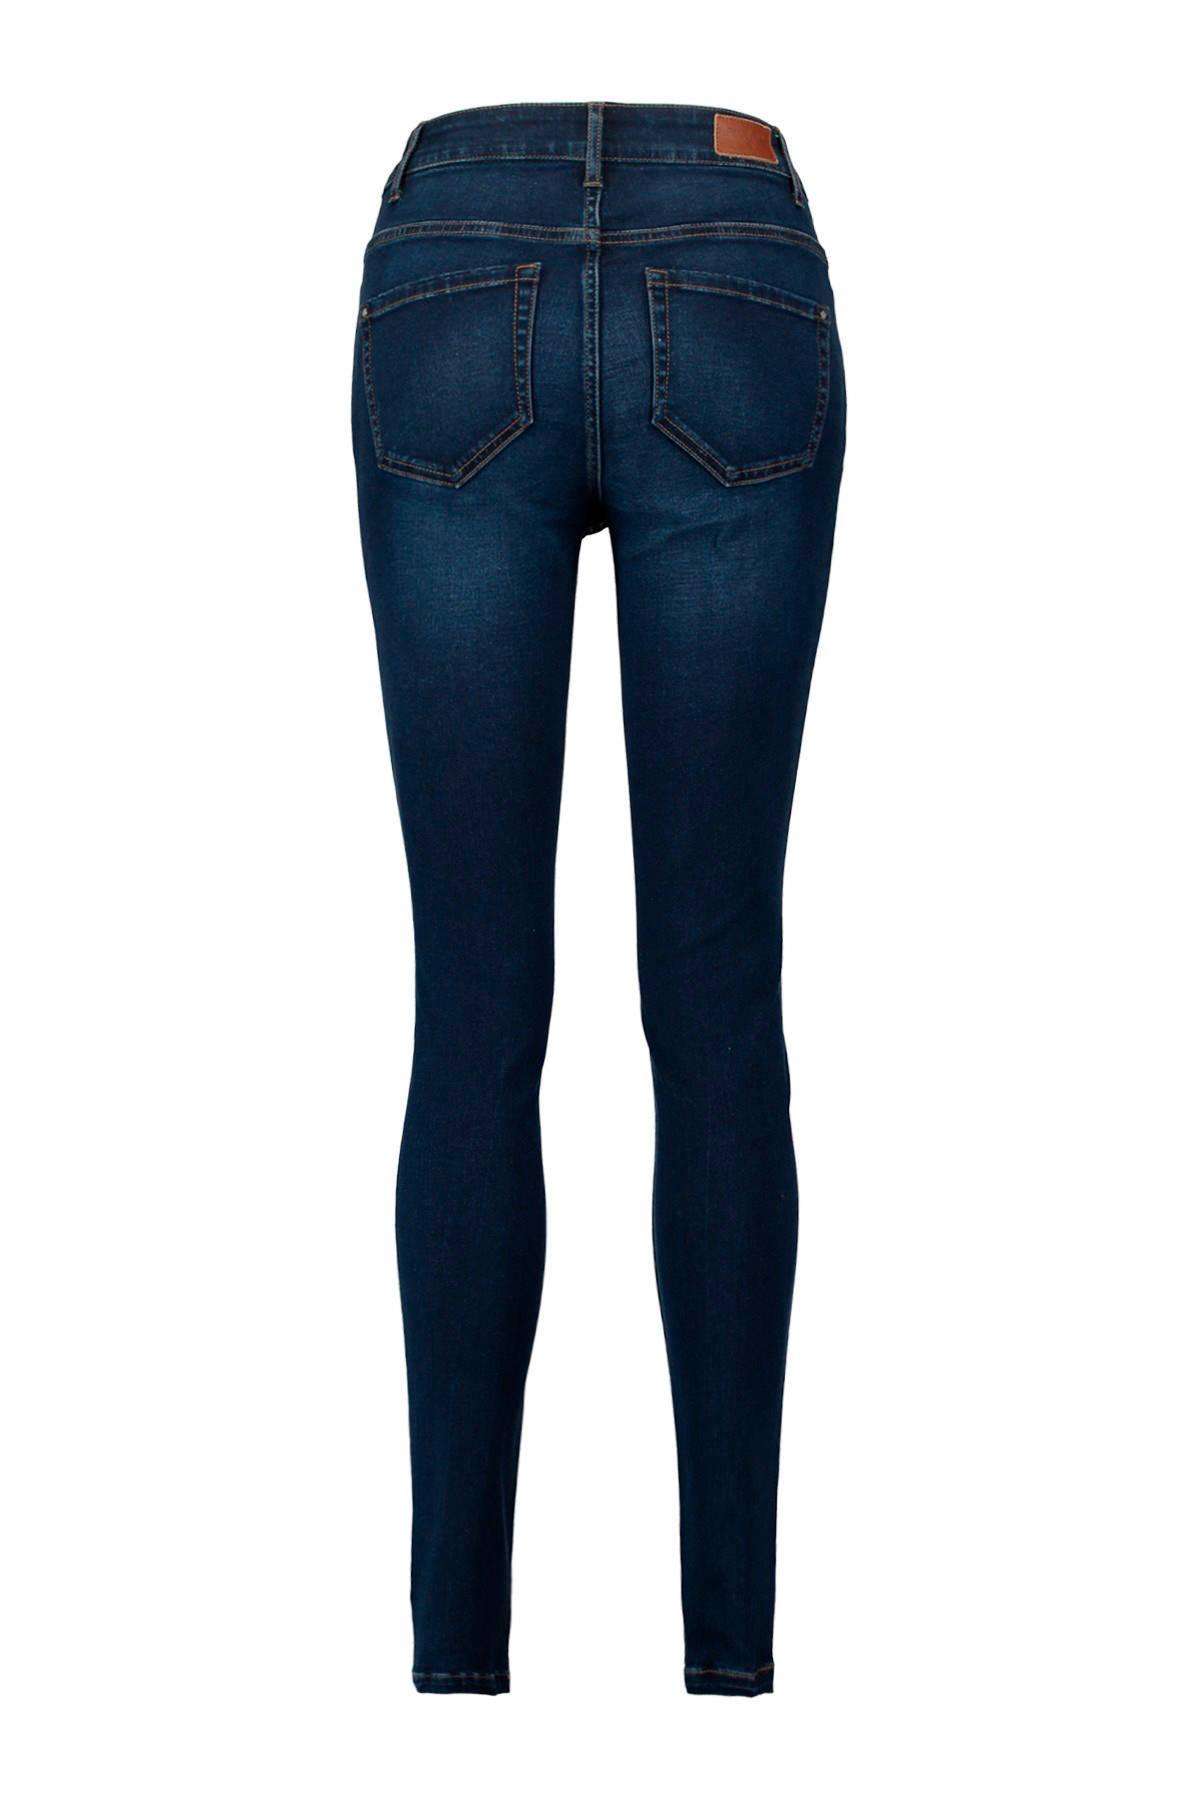 CoolCat waist CoolCat skinny jeans high high 0qBOUB